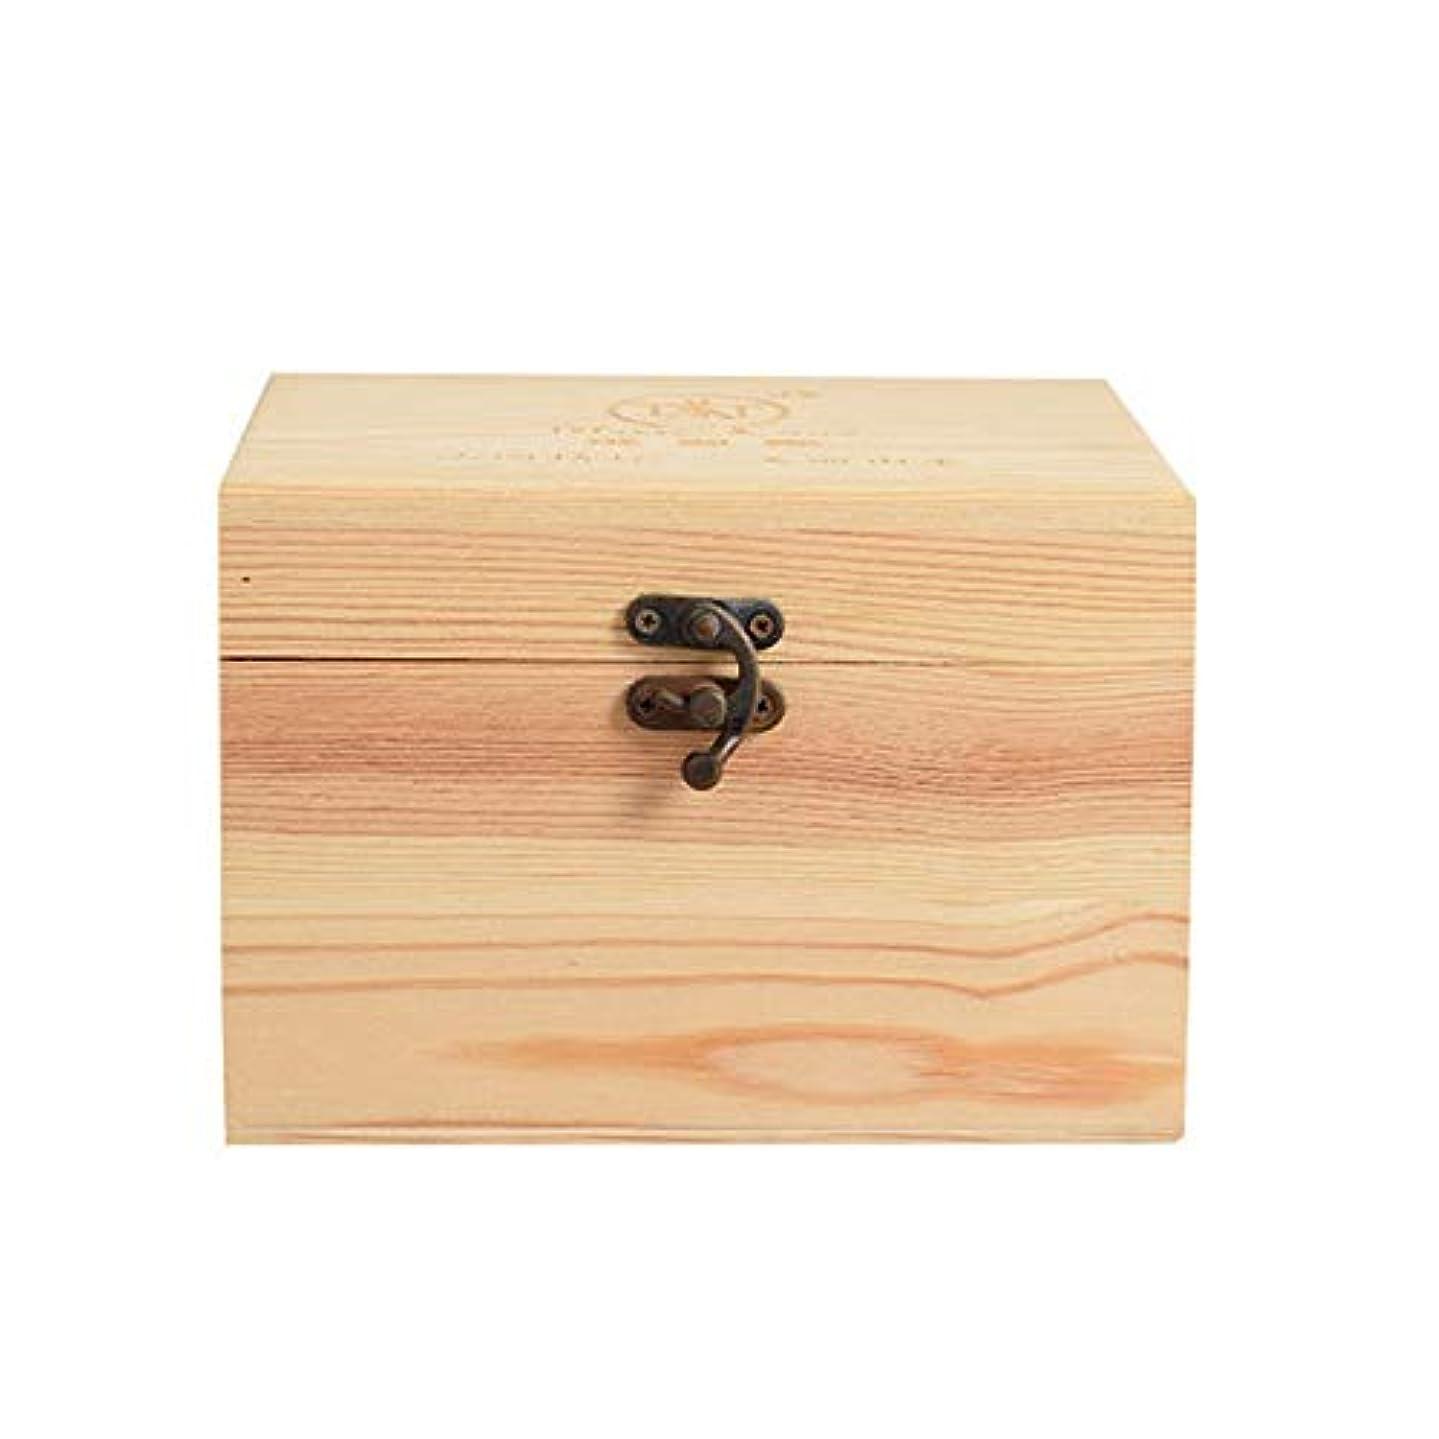 見捨てるラメ大きなスケールで見るとエッセンシャルオイルボックス あなたのオイル太陽の損傷を保護するために、エッセンシャルオイルの9種類の完璧なエッセンシャルオイルの収納ボックス木製プレゼンテーションケース アロマセラピー収納ボックス (色 : Natural, サイズ : 16.5X11.5X15CM)